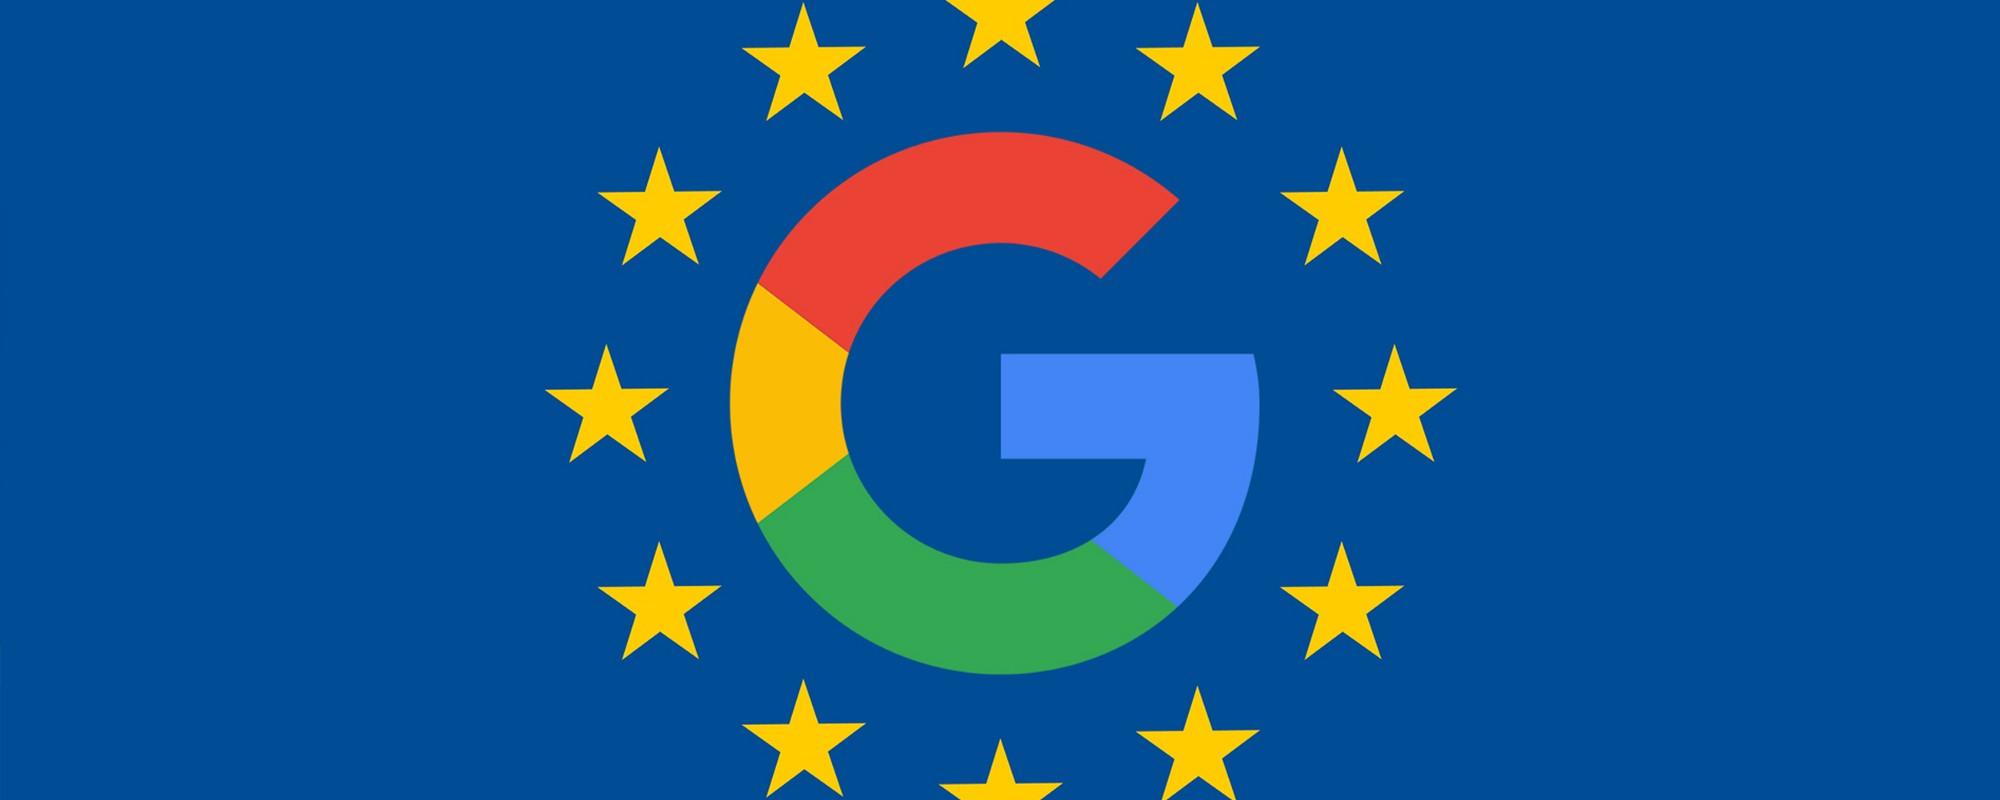 Google si adegua al GDPR: stessi dati raccolti, ma più possibilità di controllo da parte dell'utente